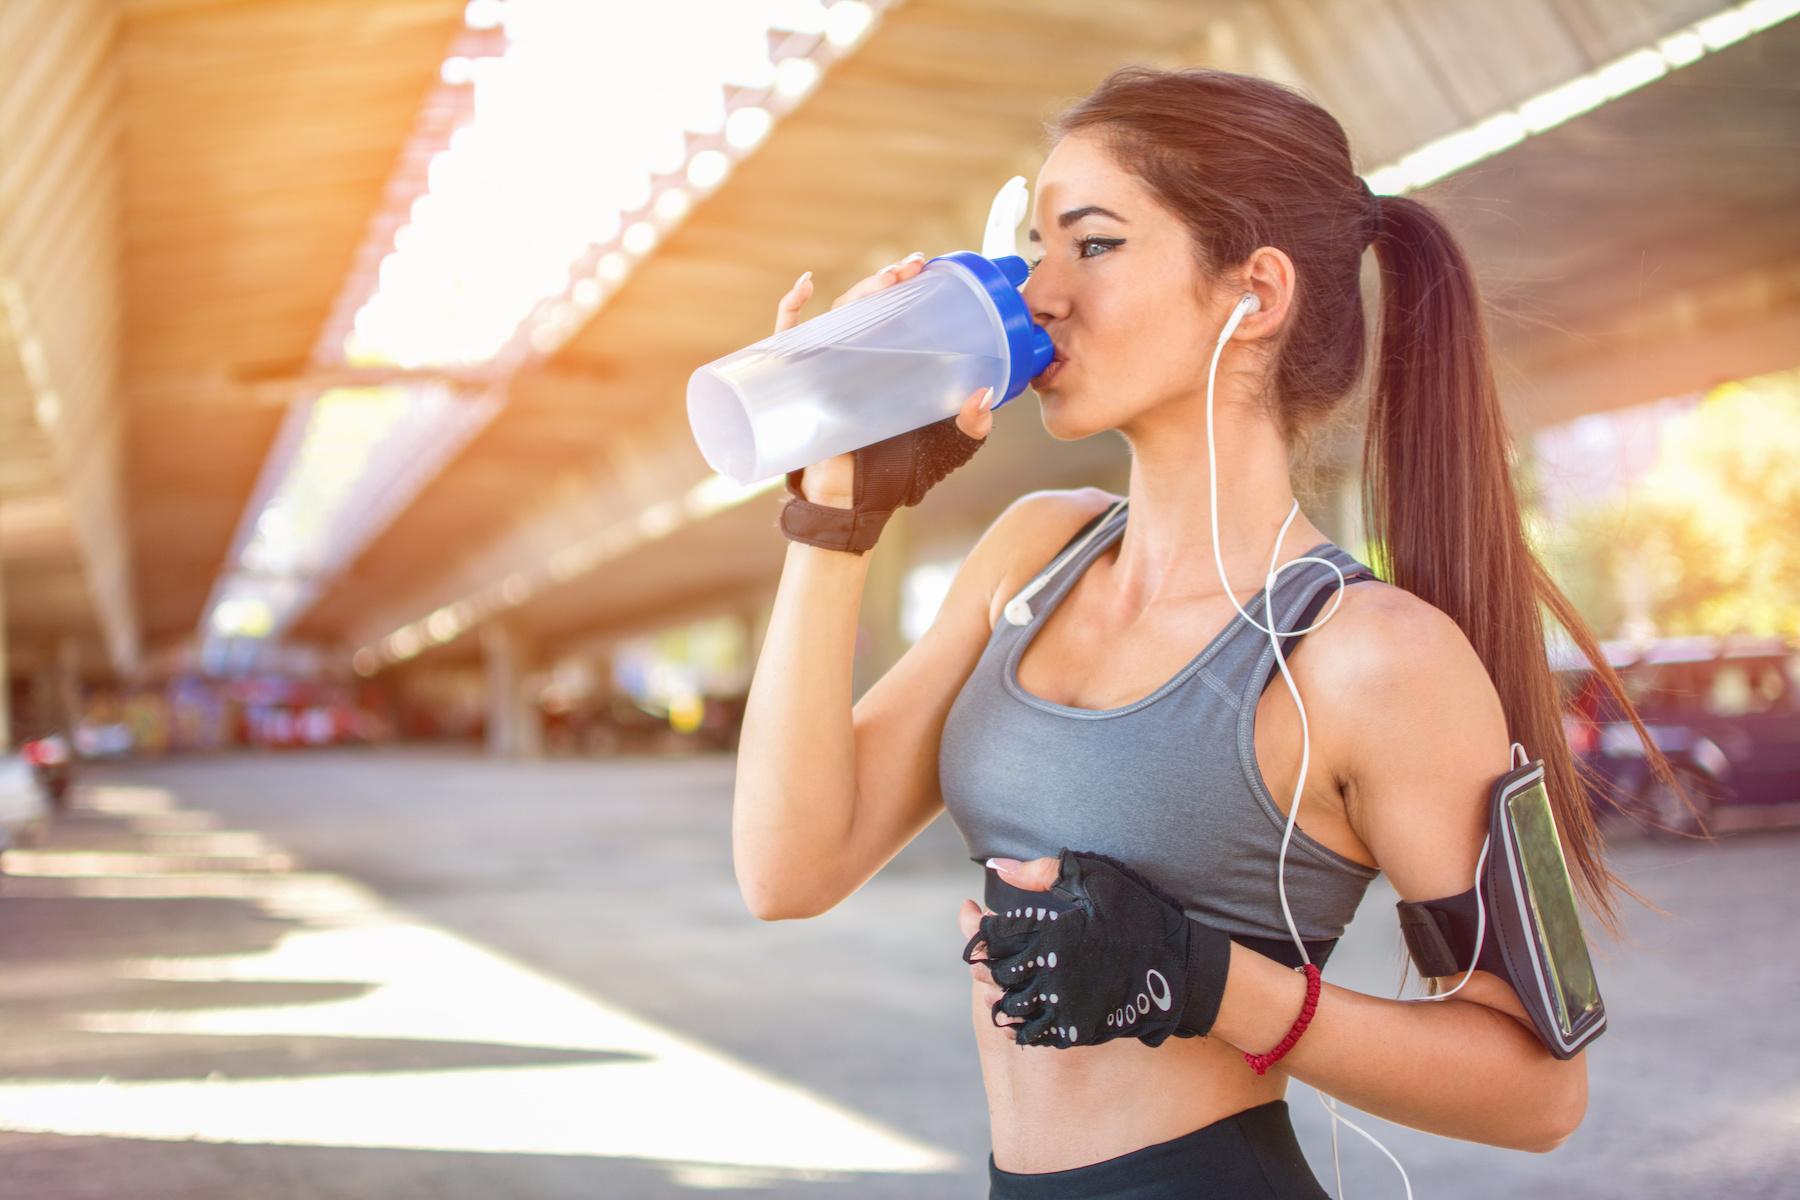 IoBevoFIT - Beviamo abbastanza acqua? Ecco i segnali per capirlo